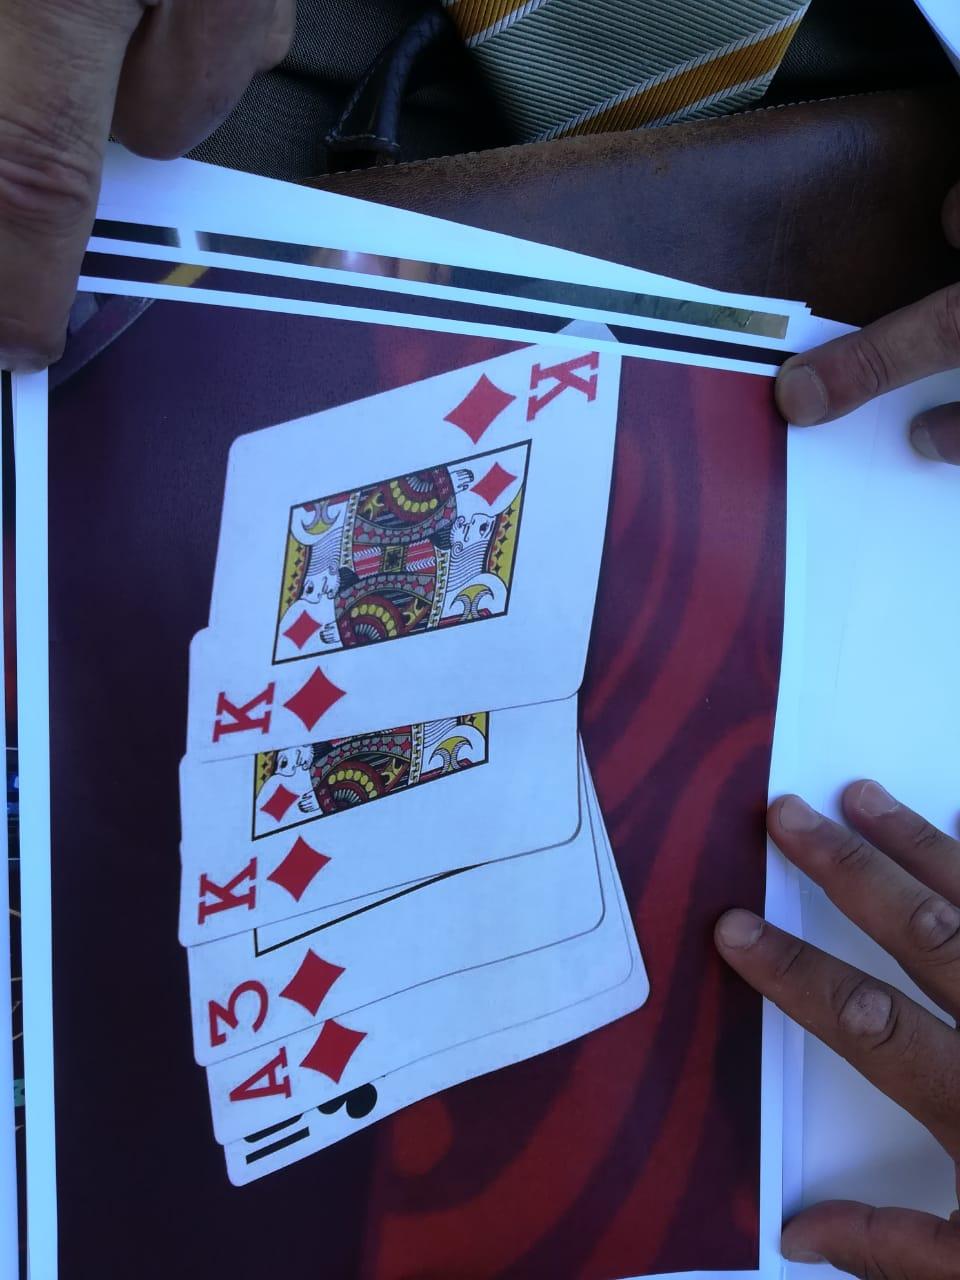 grave-denuncia-remece-a-casino-marina-del-sol-acusan-uso-de-mazos-adulterados-que-impedian-ganar4